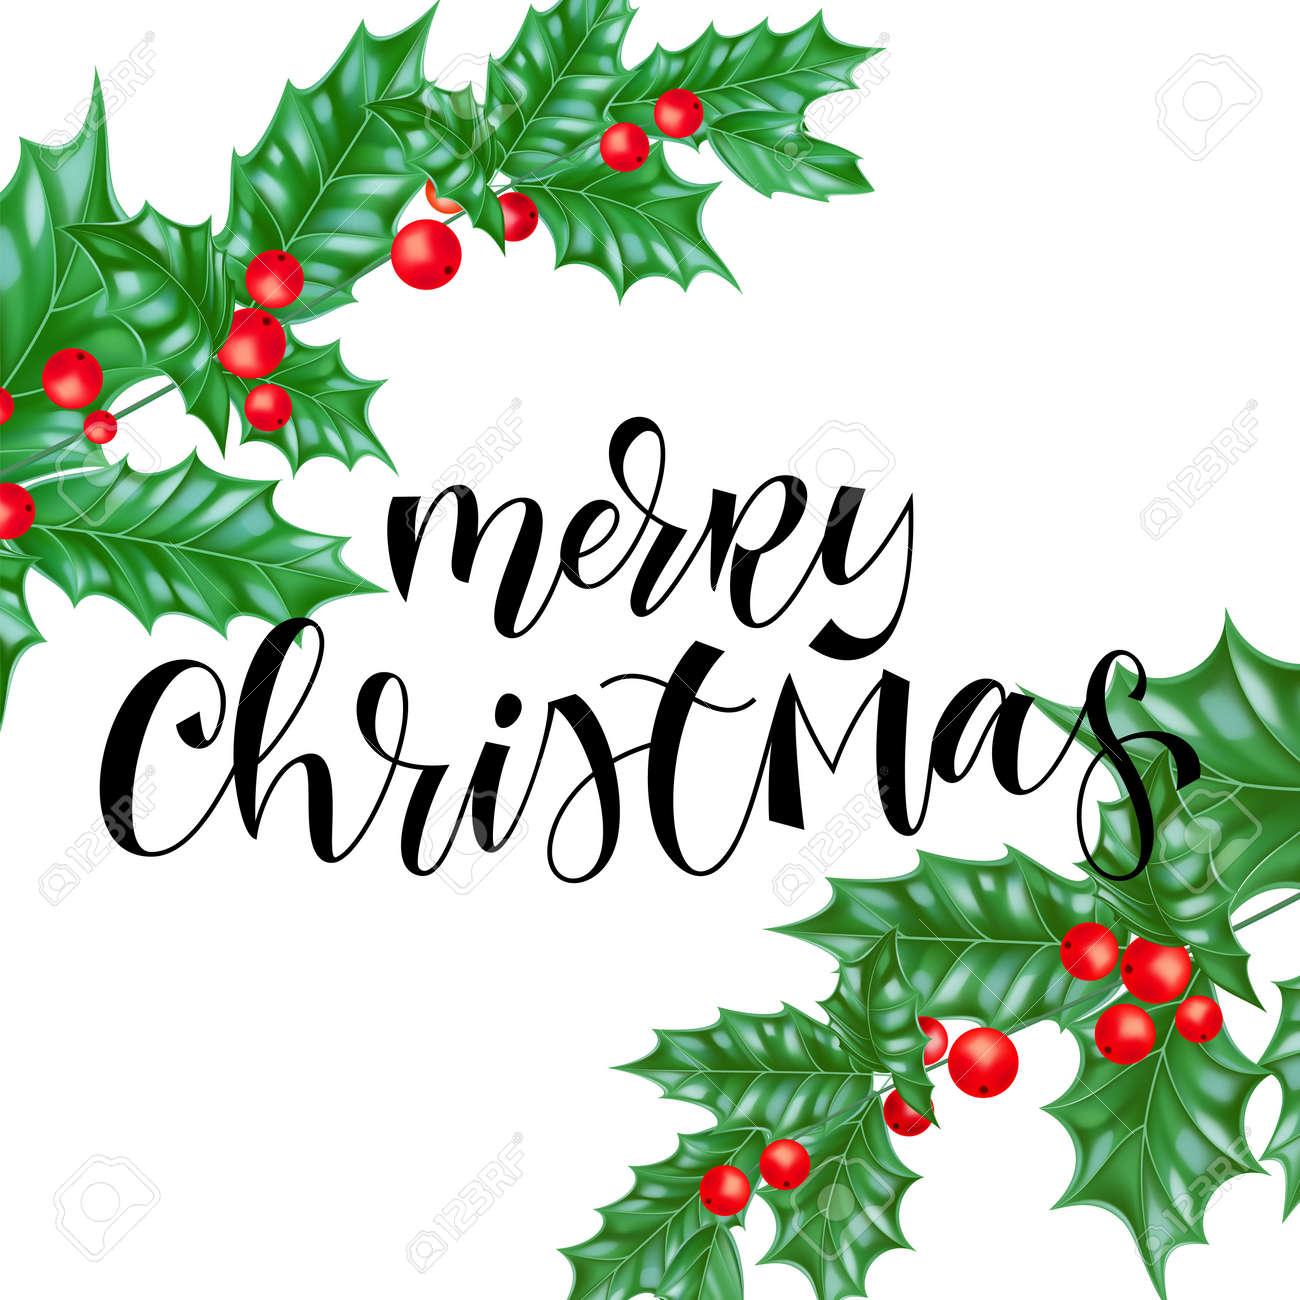 Frohe Weihnachten Urlaub Grußkarten Hintergrund Vorlage Tannenbaum